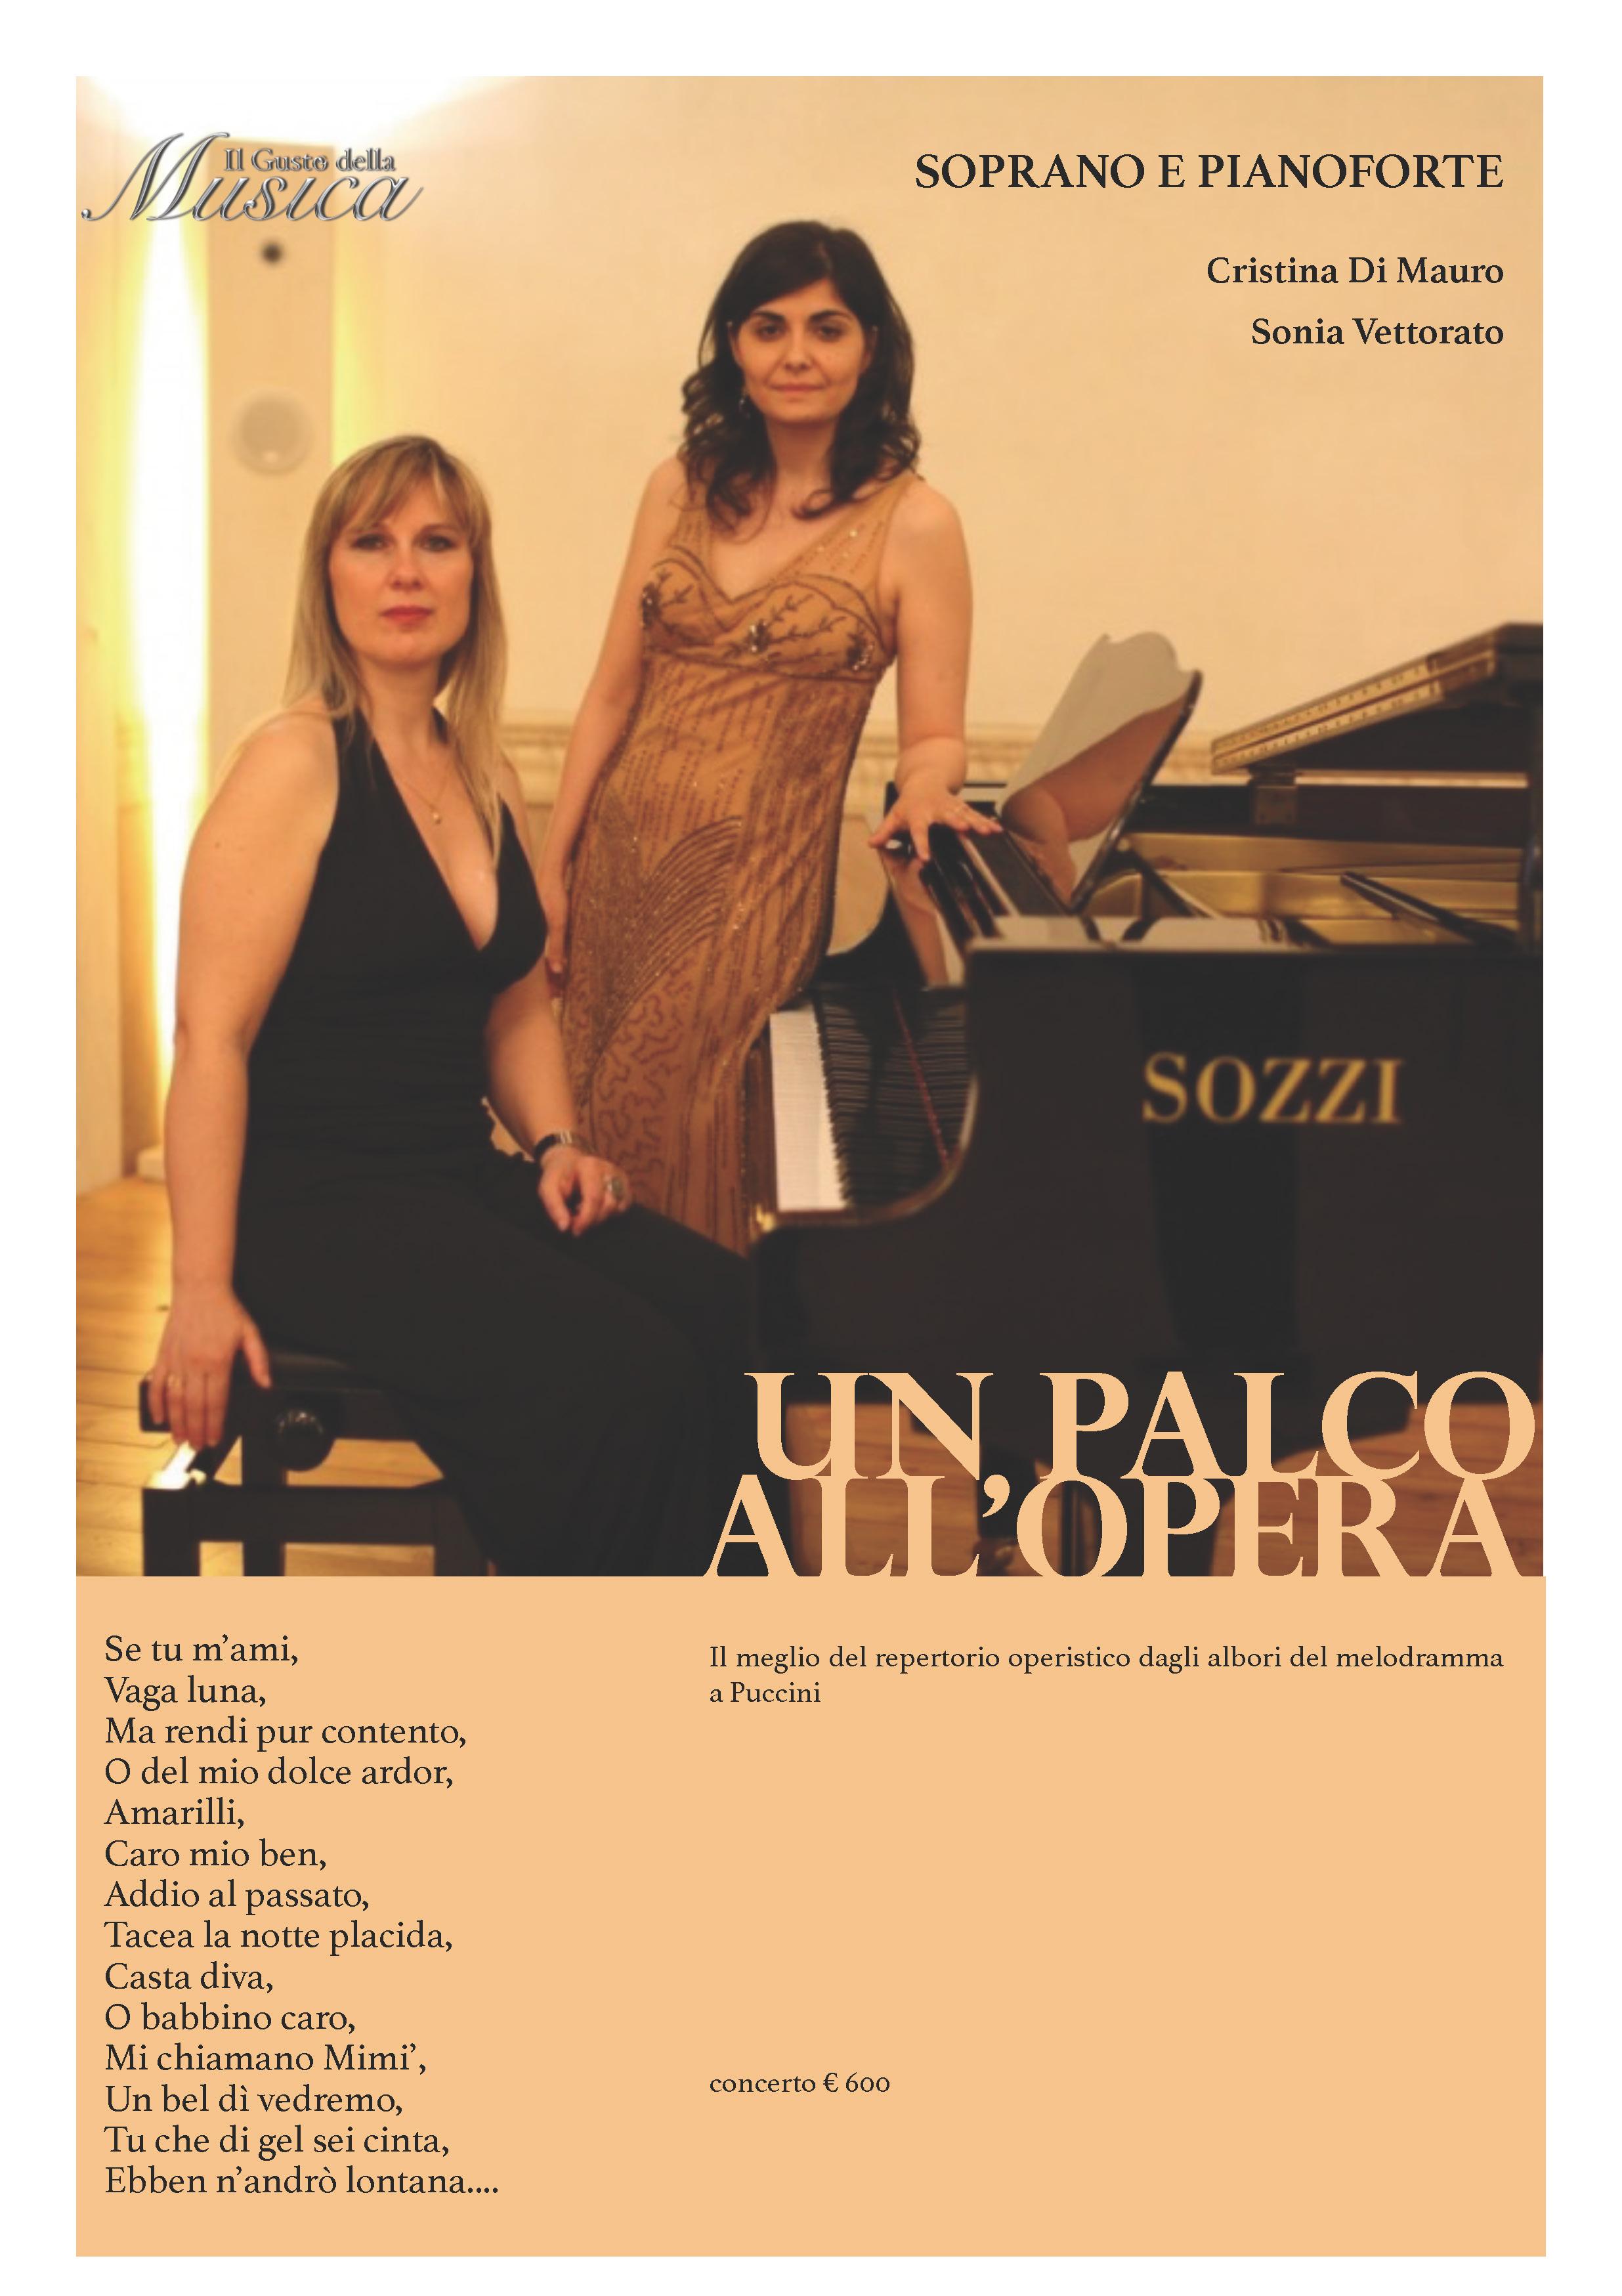 08. Un palco all'Opera concerto